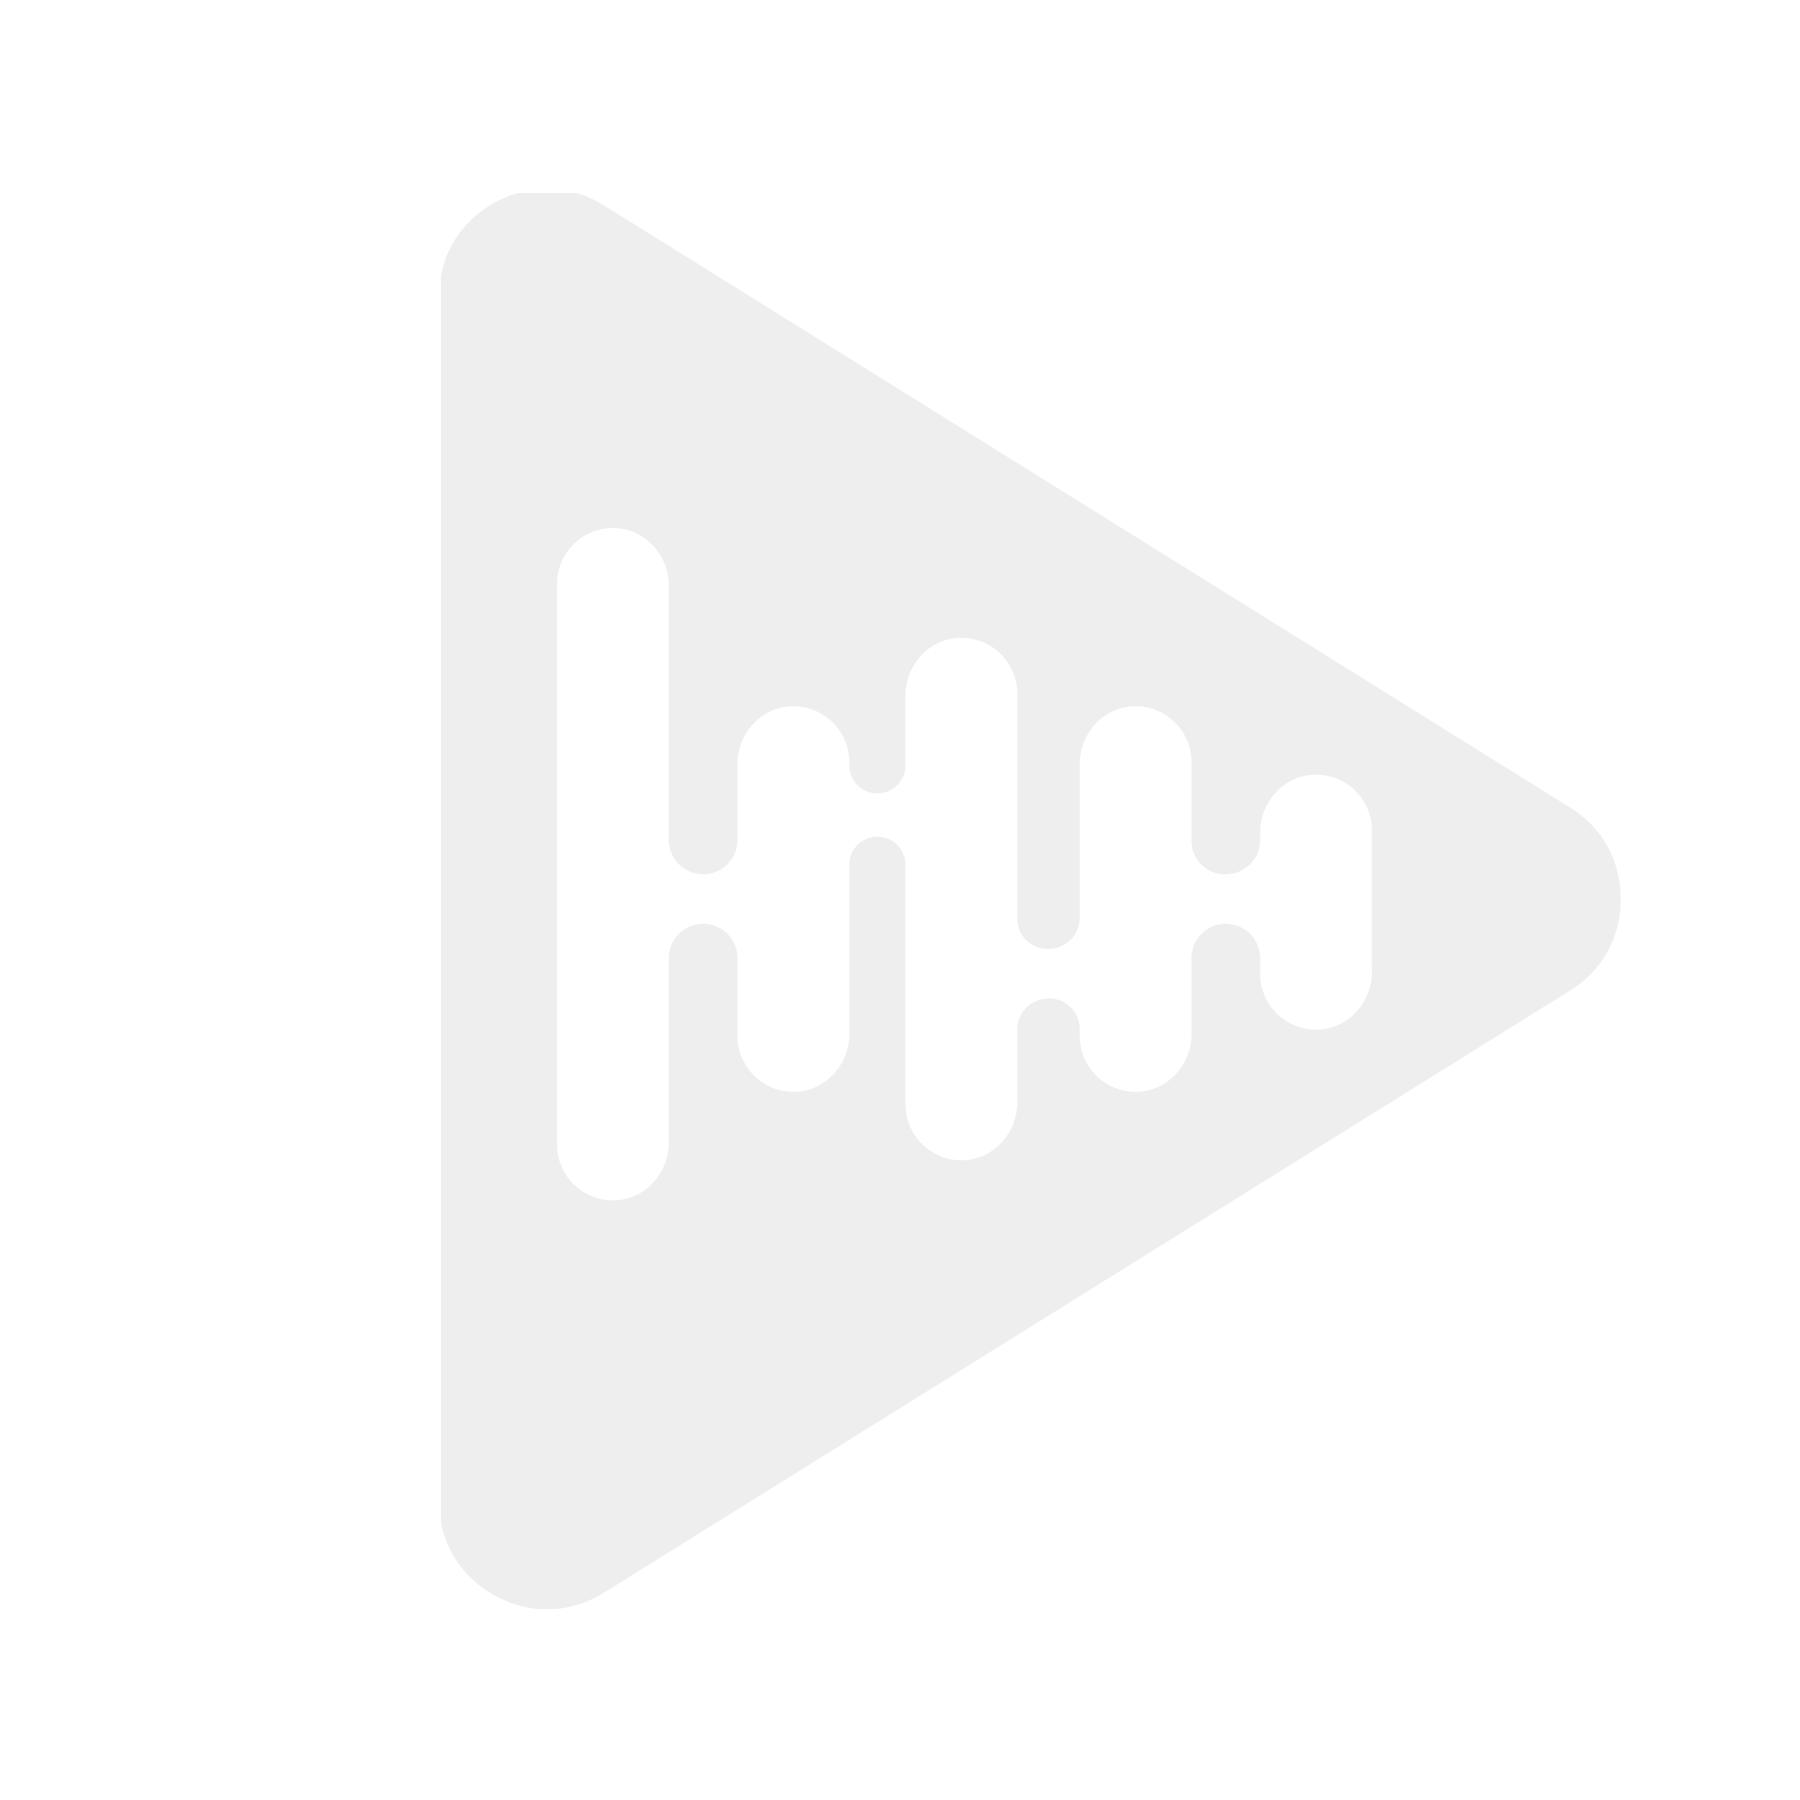 Grandview 148796 - Motor lerret Cyber, 92